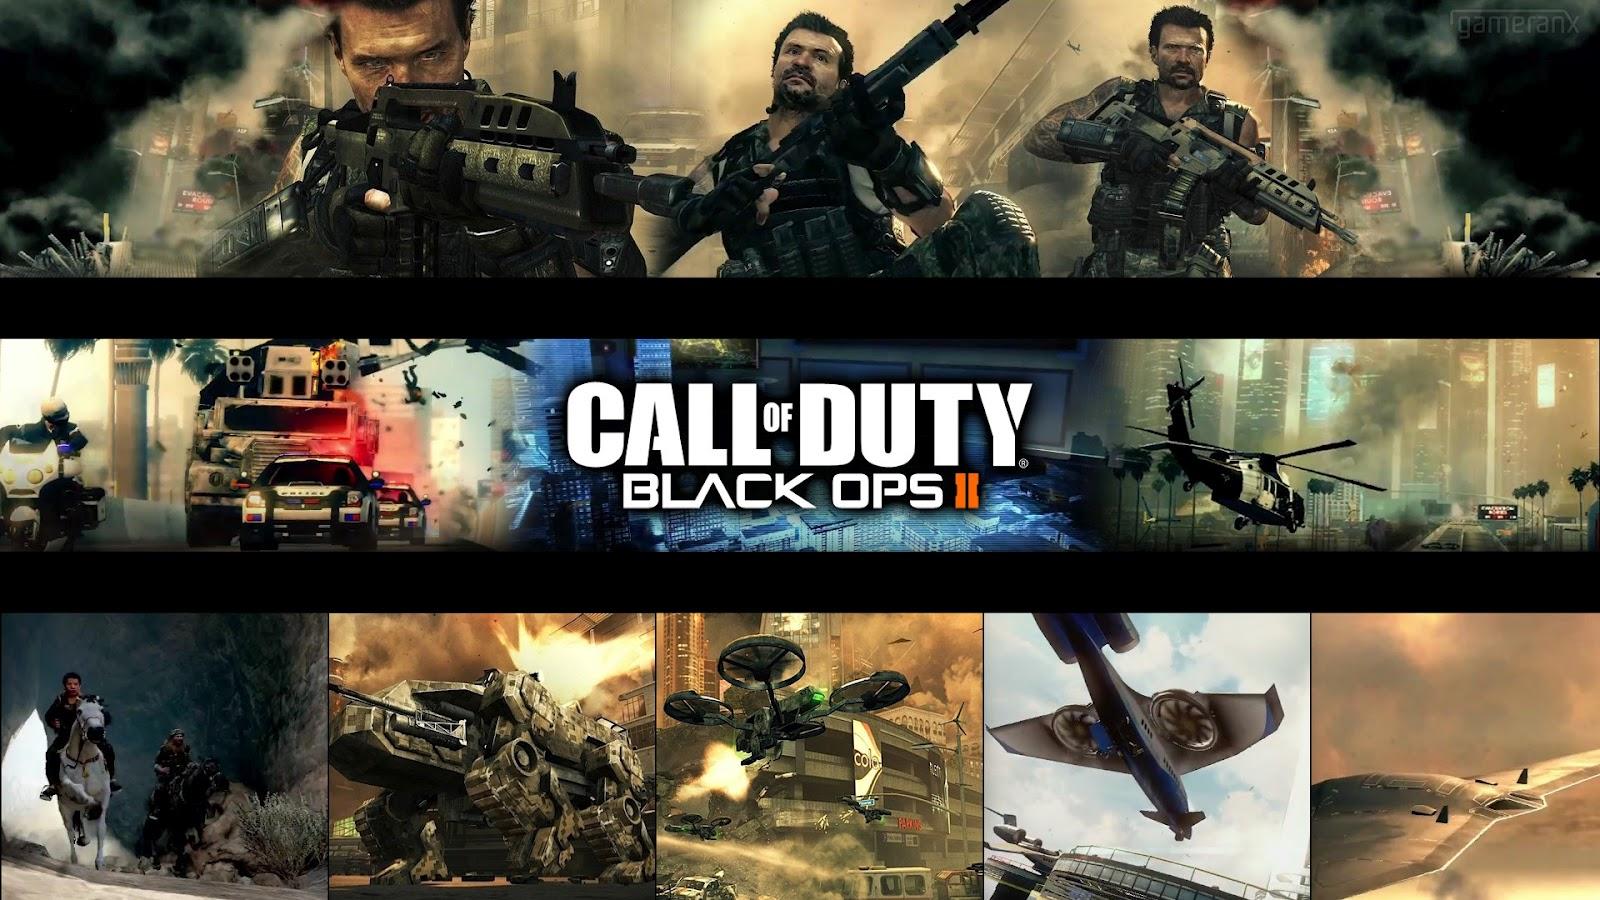 4bpblogspot SYiViKzTKIQ UBCj3sbAF7I Black Ops 2 Wallpapers HD 13 Call Of Duty